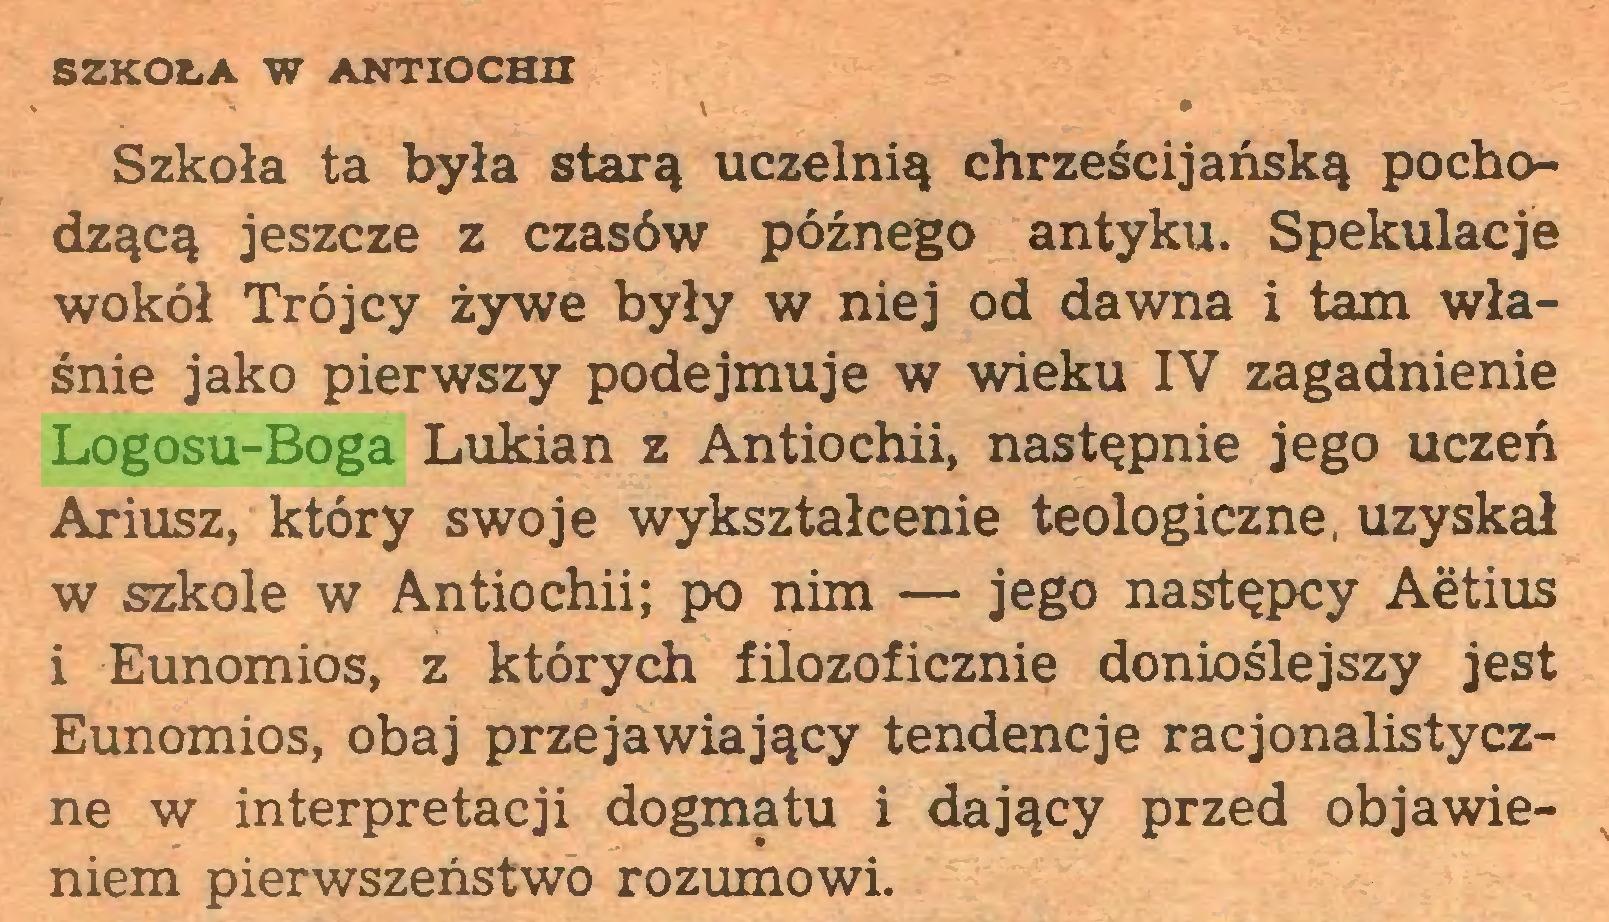 (...) SZKOŁA W ANTIOCHII \ » — • Szkoła ta była starą uczelnią chrześcijańską pochodzącą jeszcze z czasów późnego antyku. Spekulacje wokół Trójcy żywe były w niej od dawna i tam właśnie jako pierwszy podejmuje w wieku IV zagadnienie Logosu-Boga Lukian z Antiochii, następnie jego uczeń Ariusz, który swoje wykształcenie teologiczne, uzyskał w szkole w Antiochii; po nim — jego następcy Aetius i Eunomios, z których filozoficznie donioślejszy jest Eunomios, obaj przejawiający tendencje racjonalistyczne w interpretacji dogmatu i dający przed objawieniem pierwszeństwo rozumowi...